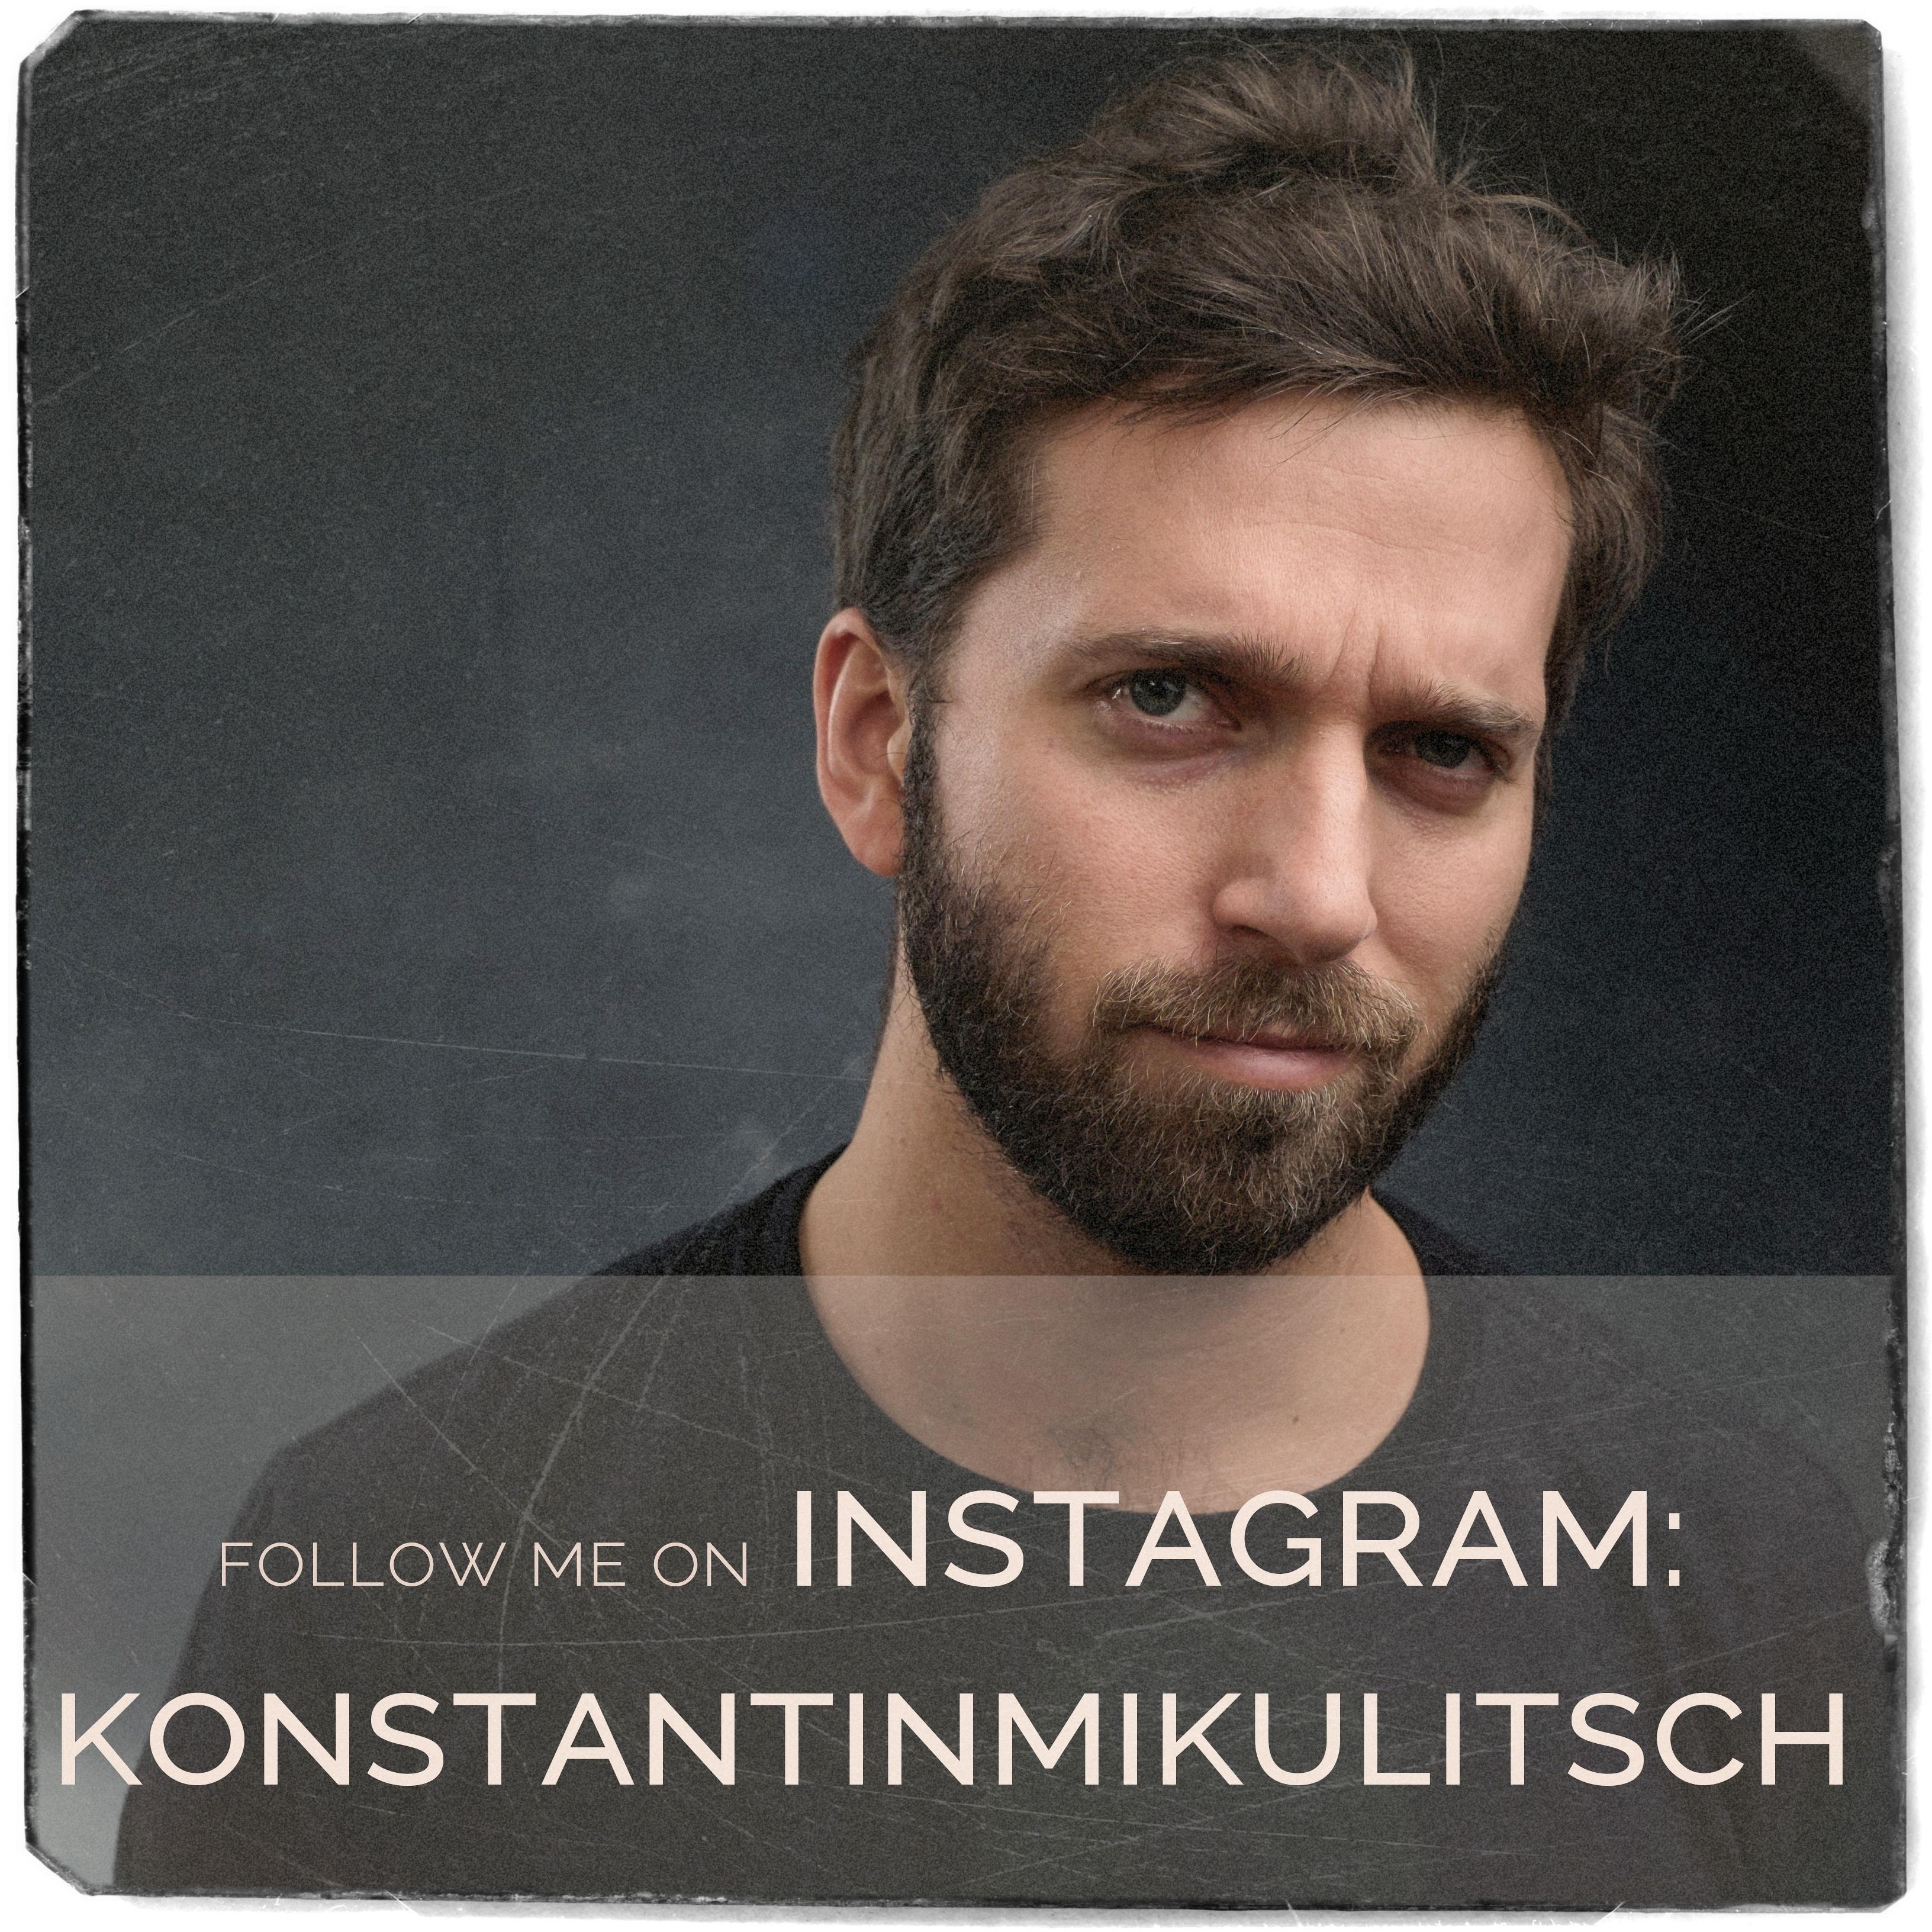 Konstantin Taufner-Mikulitsch